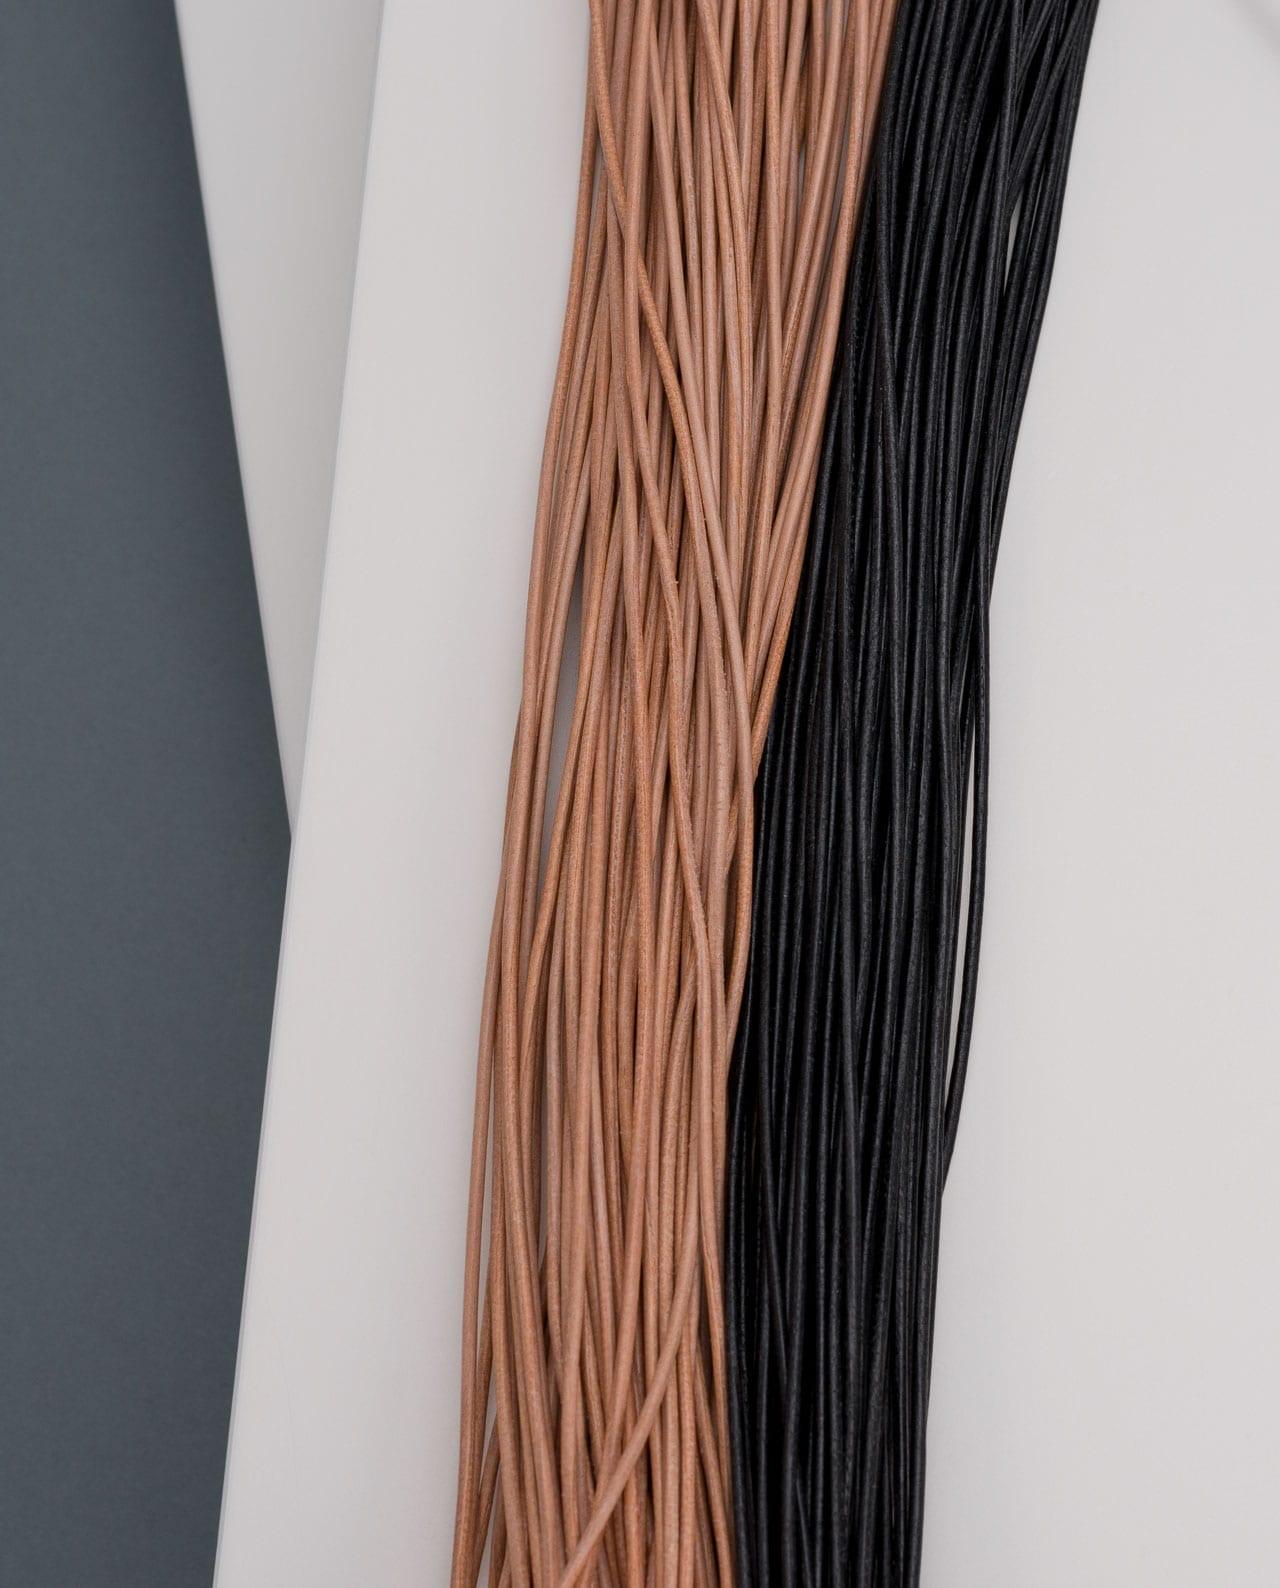 CONLIGHT Lederband natur braun und schwarz